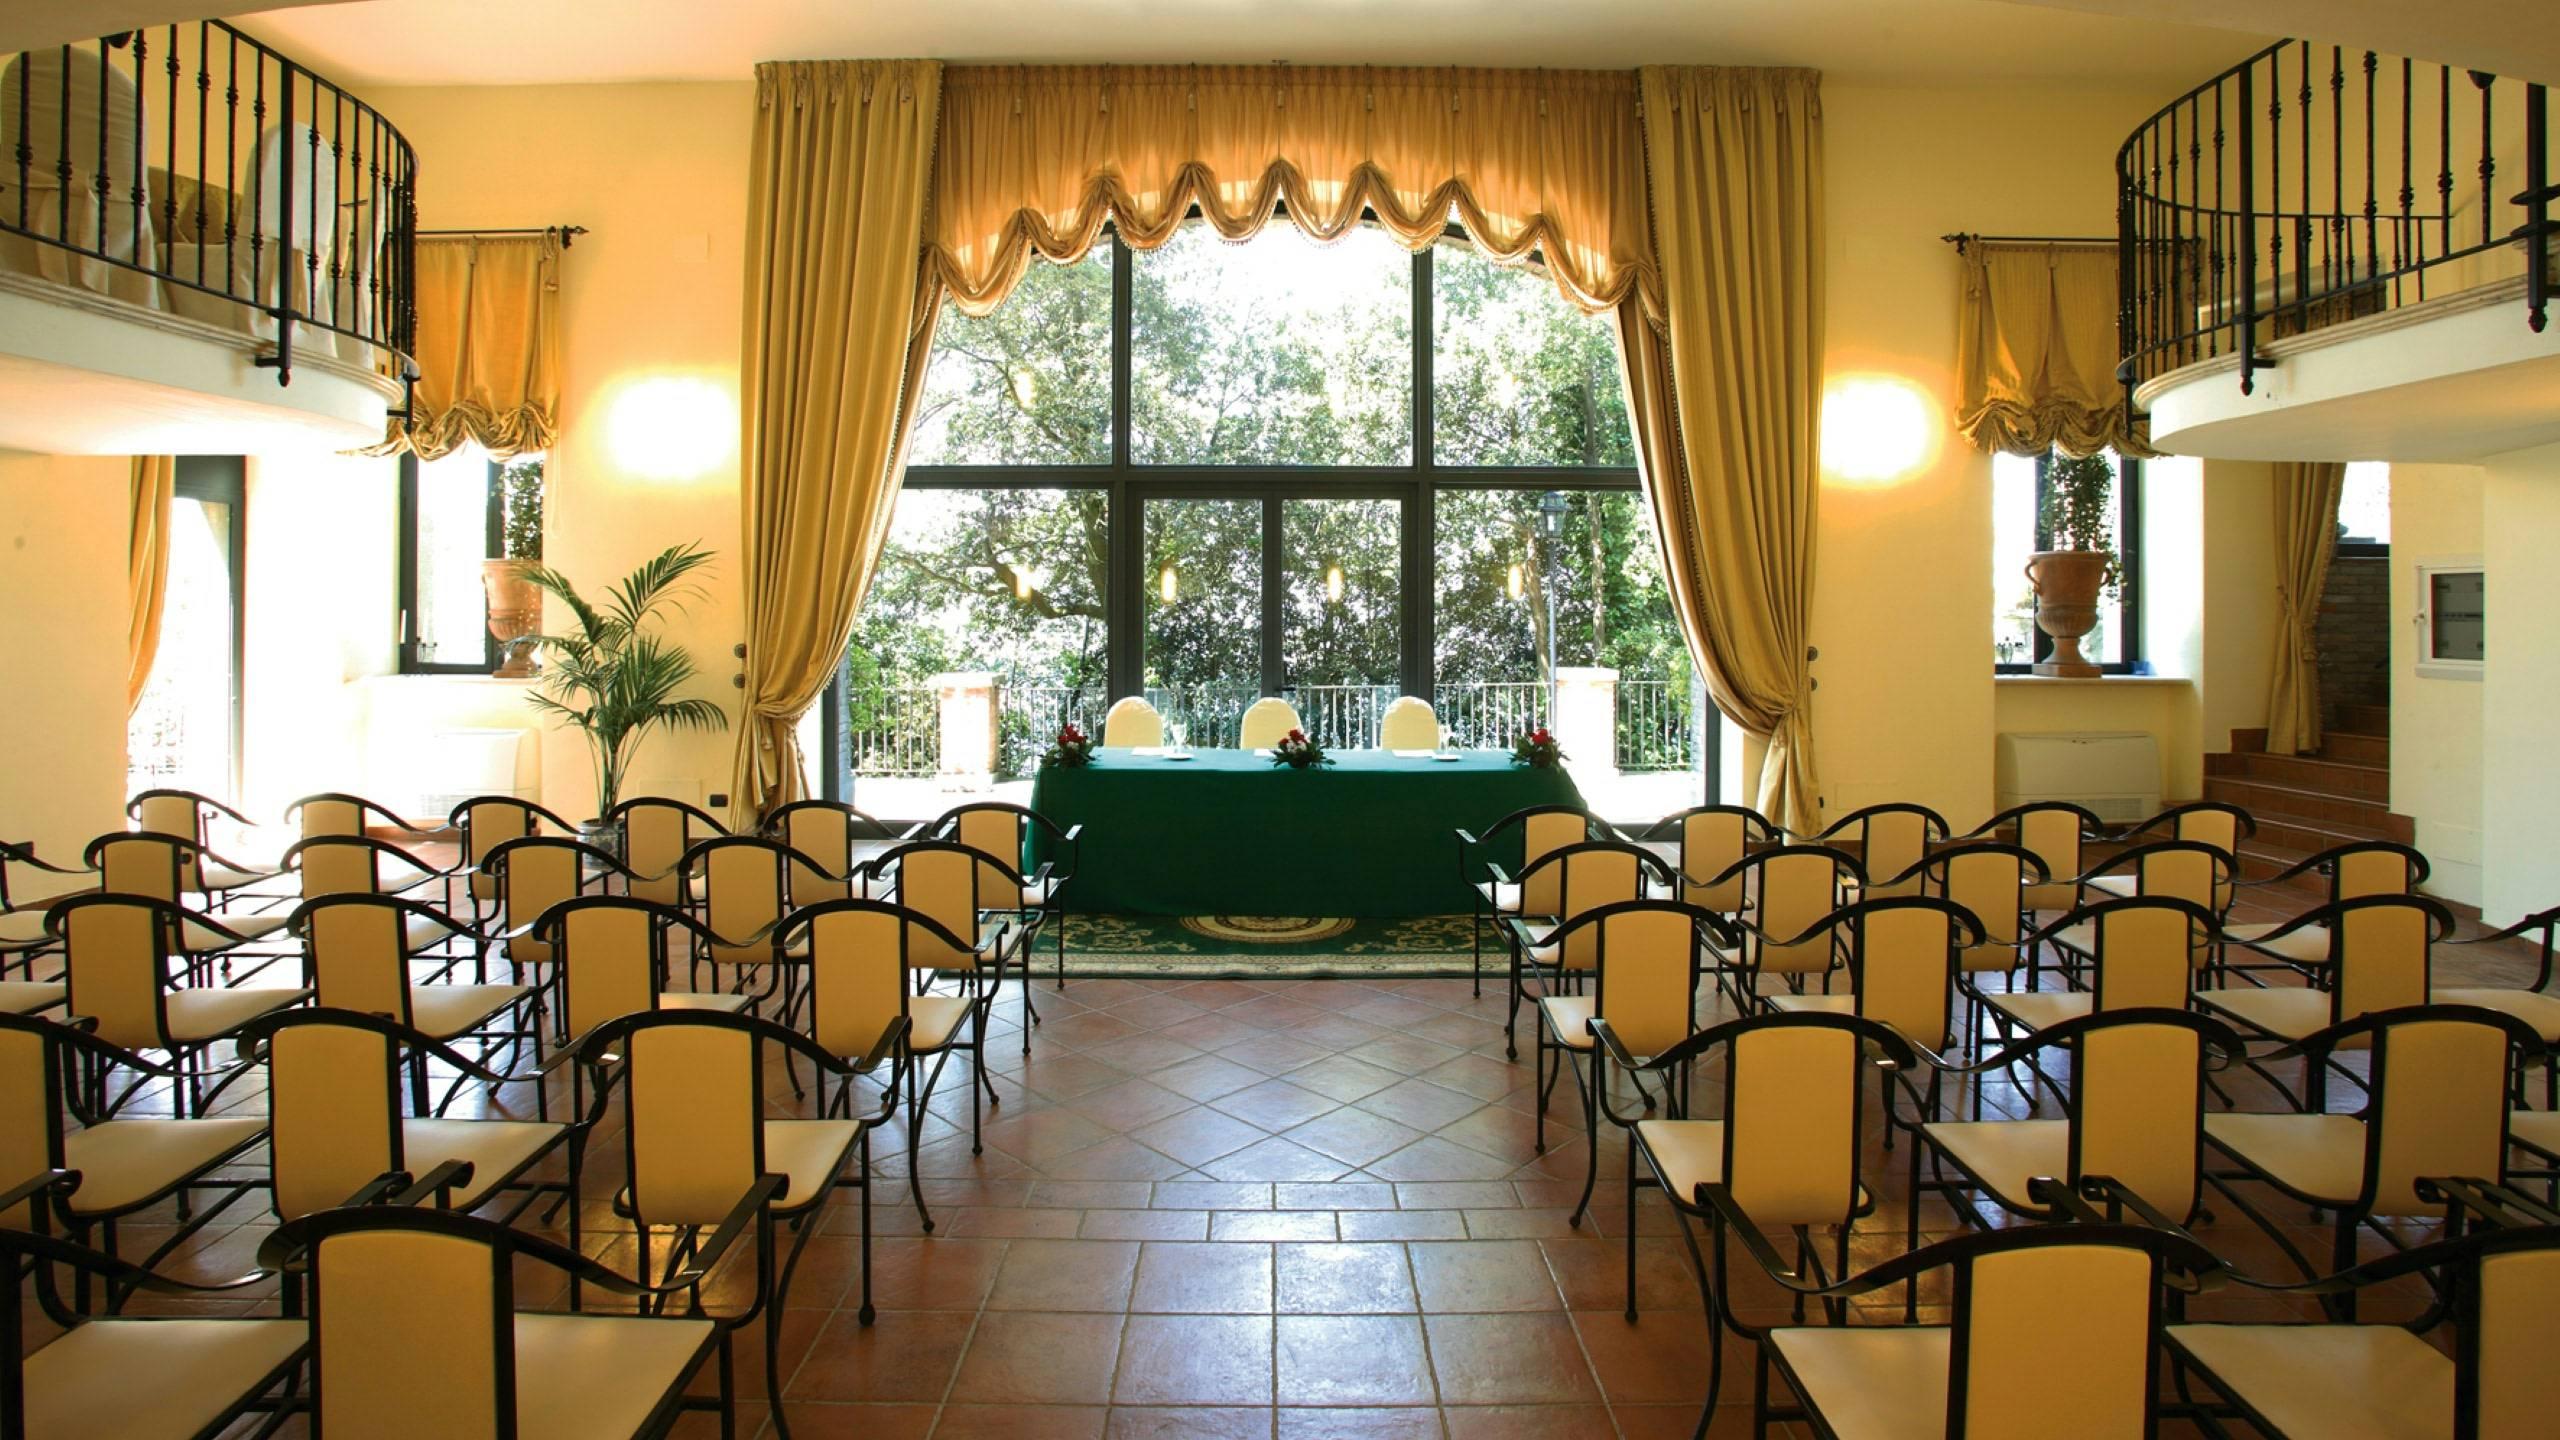 villa-del-cardinale-castel-gandolfo-meeting-18